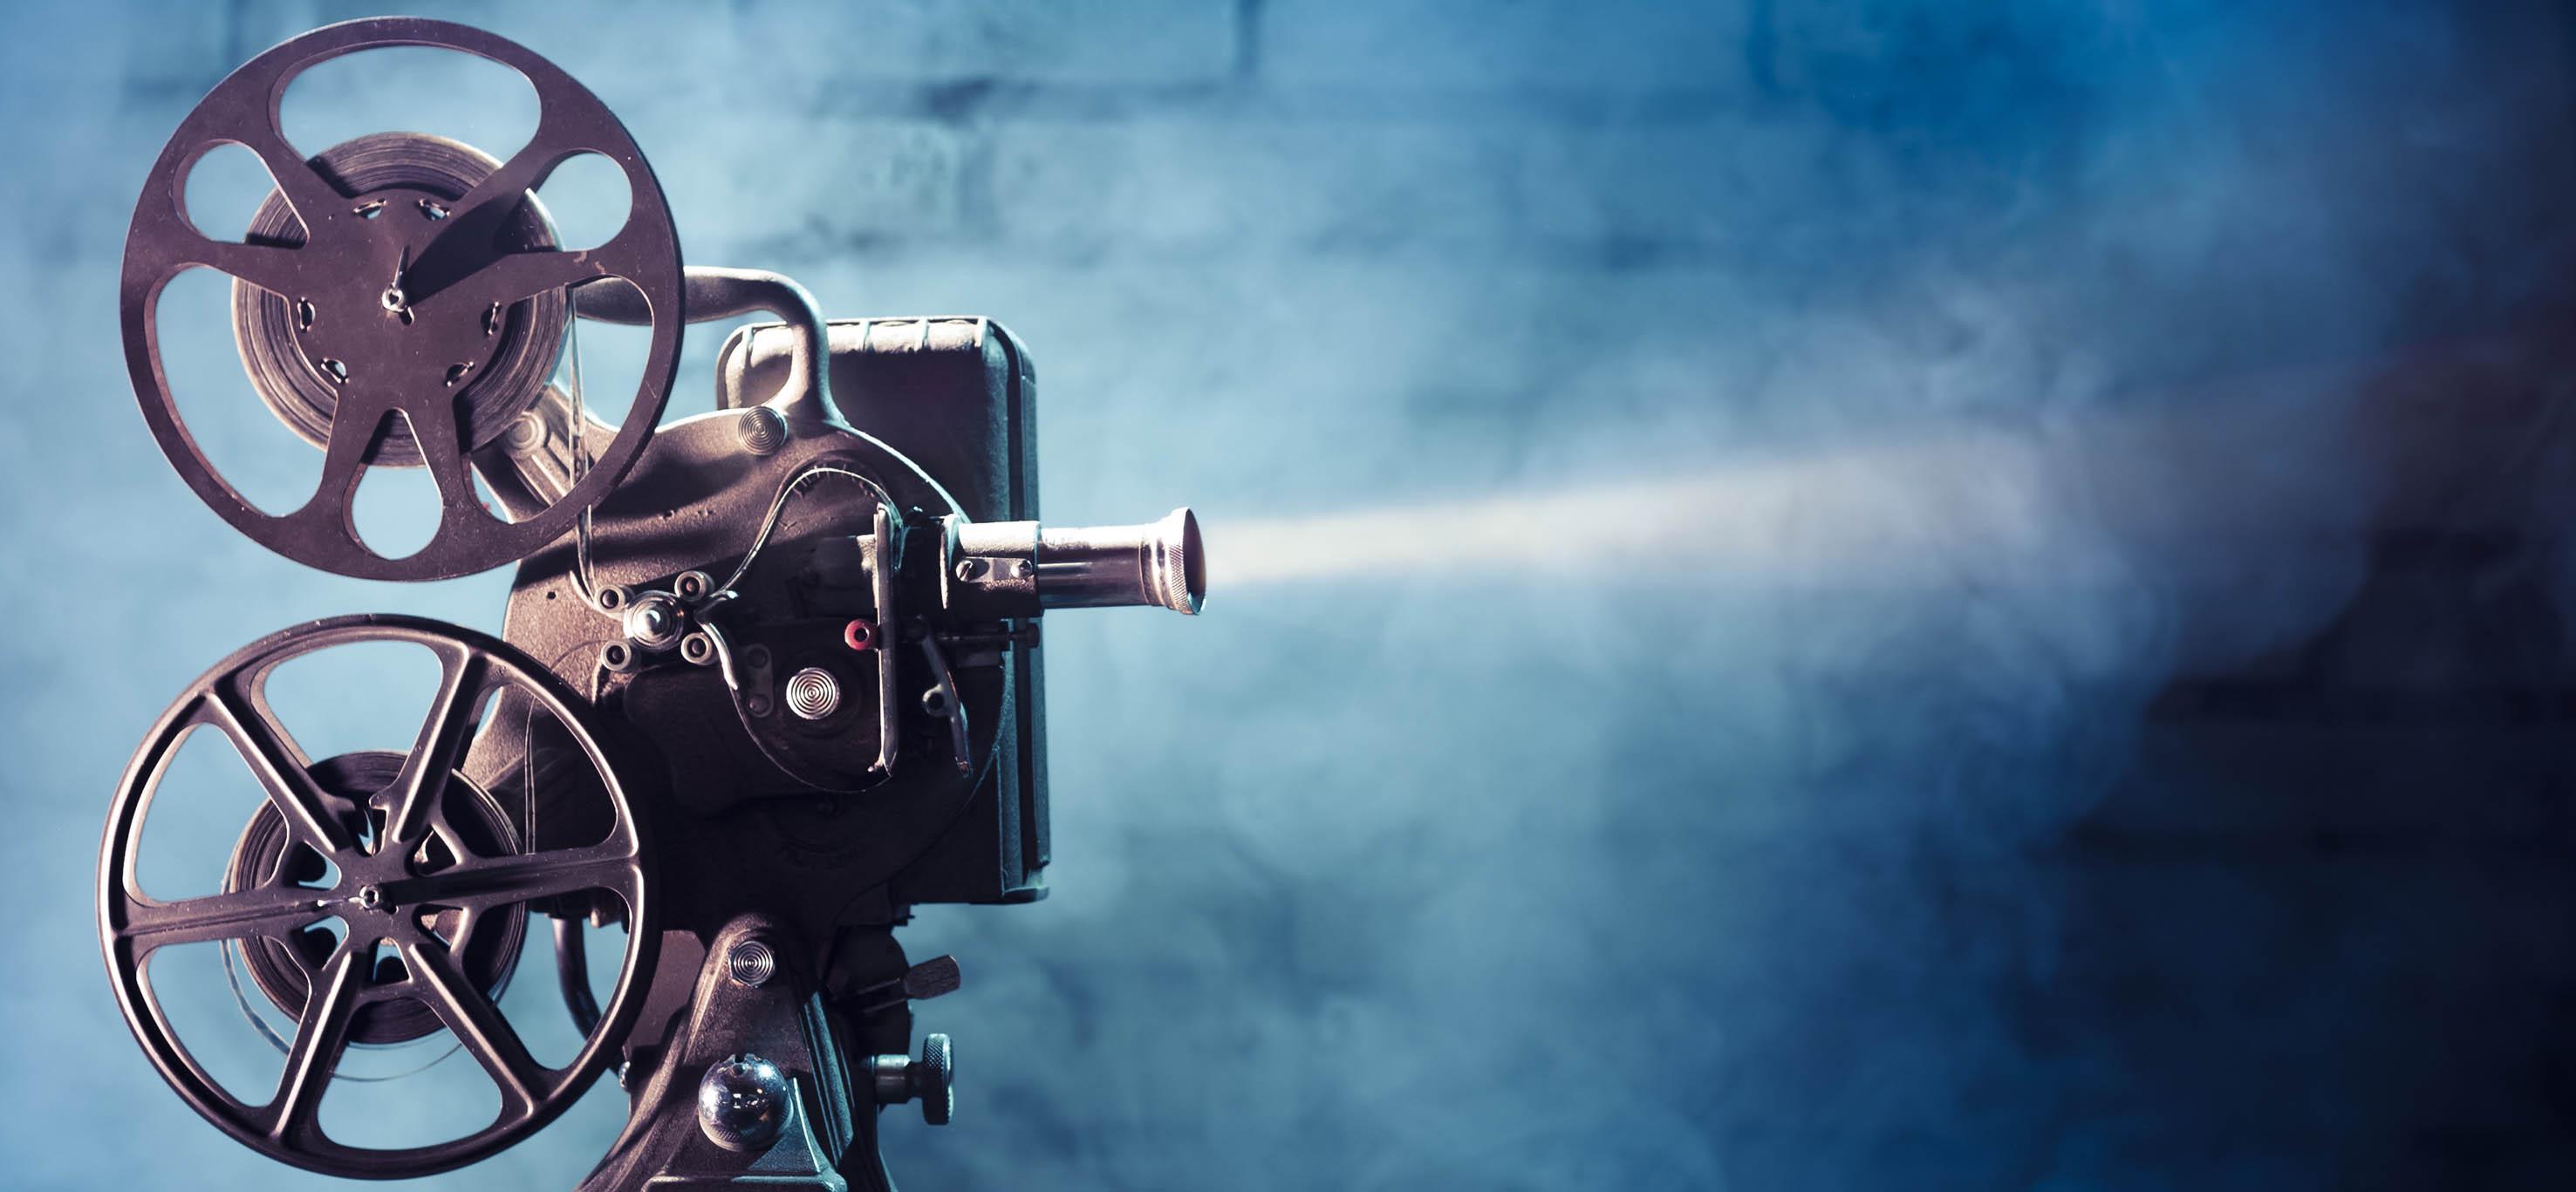 2016 у кіно: Чим запам'ятався глядачам рік, що минає